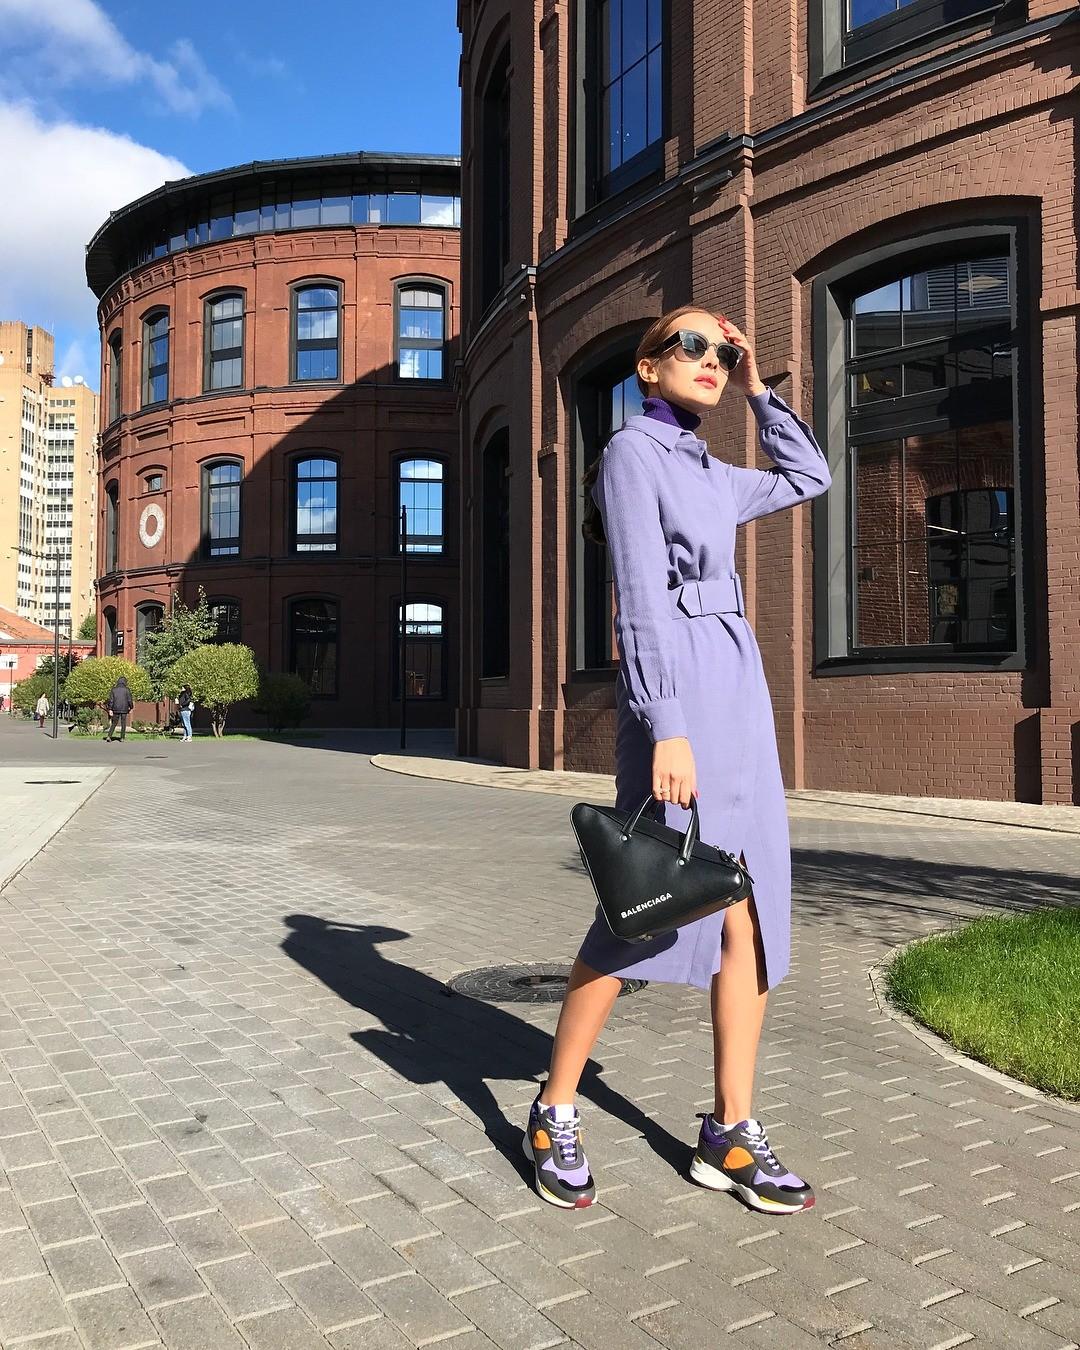 Платье из крепа - прекрасный вариант для осенней поры. Его строгий крой подчеркнет стройность силуэта, широкий ремень - выделит талию, а лавандовый цвет «освежит» осенний образ. Лучшее ре...